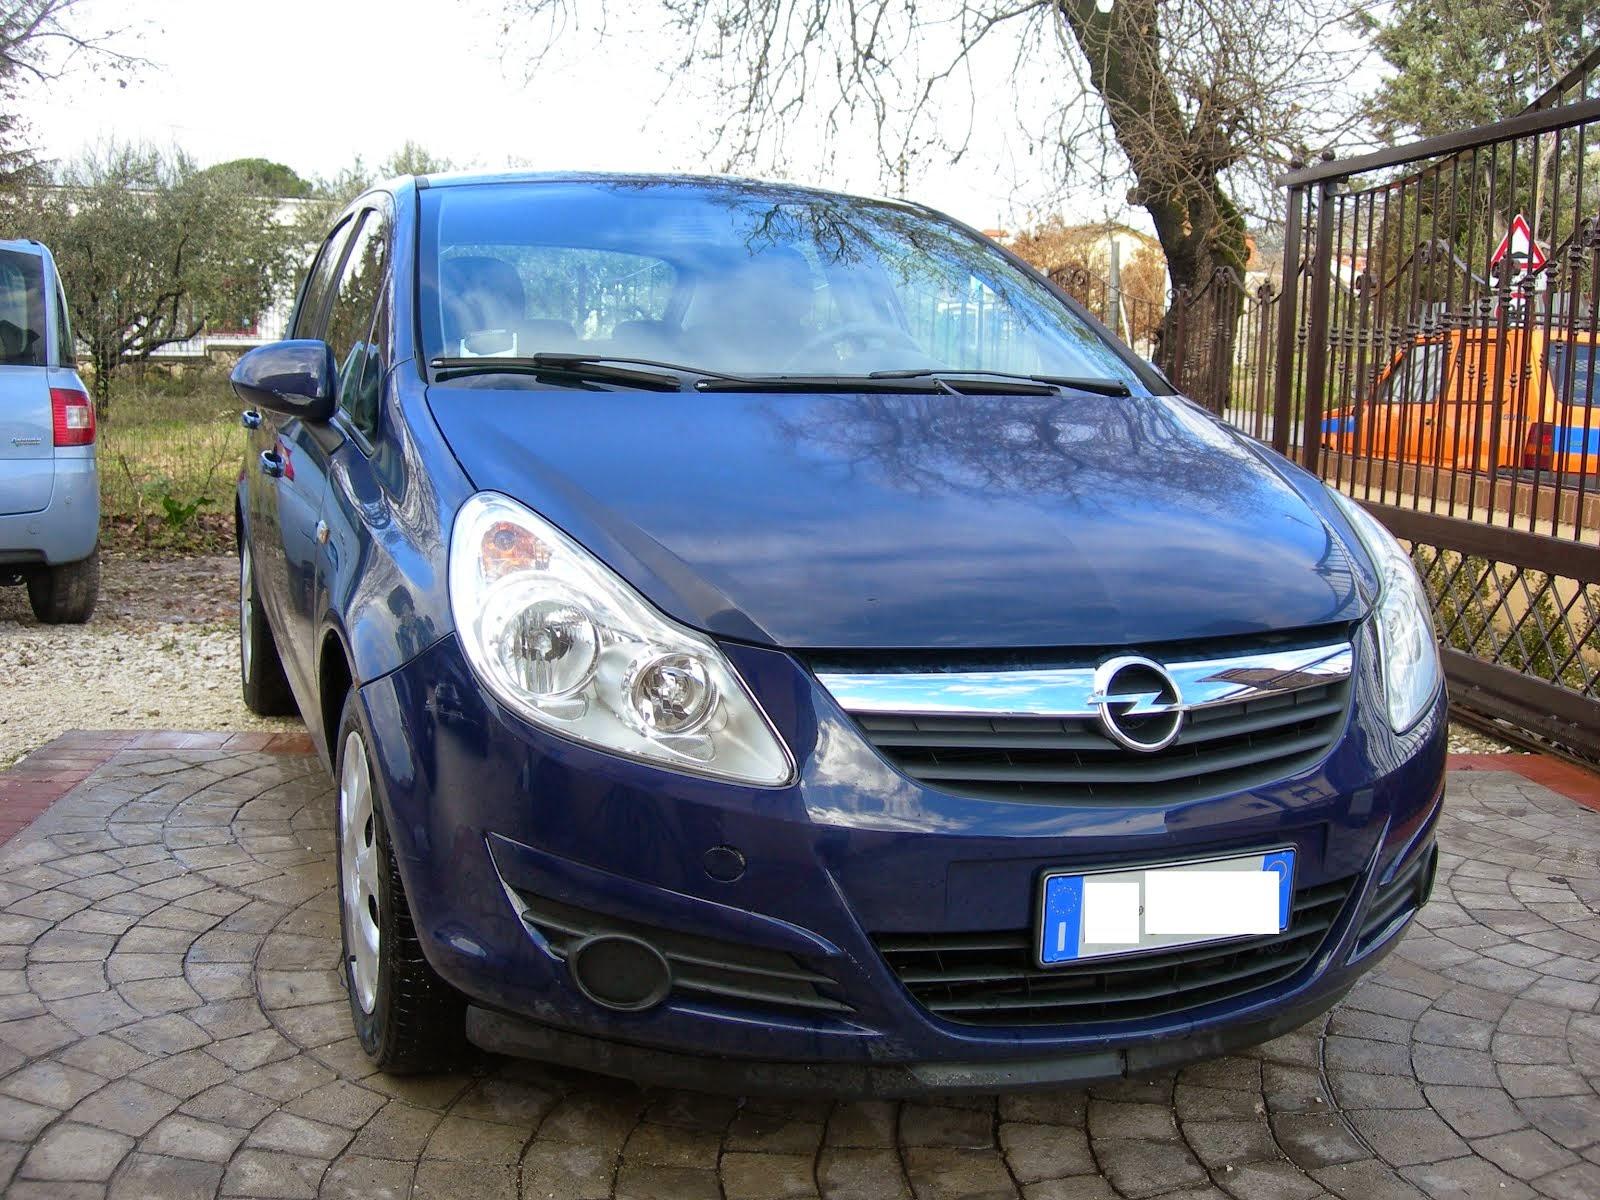 Opel Corsa 1.2 benzina accessoriata Anno 2008 80.000 km